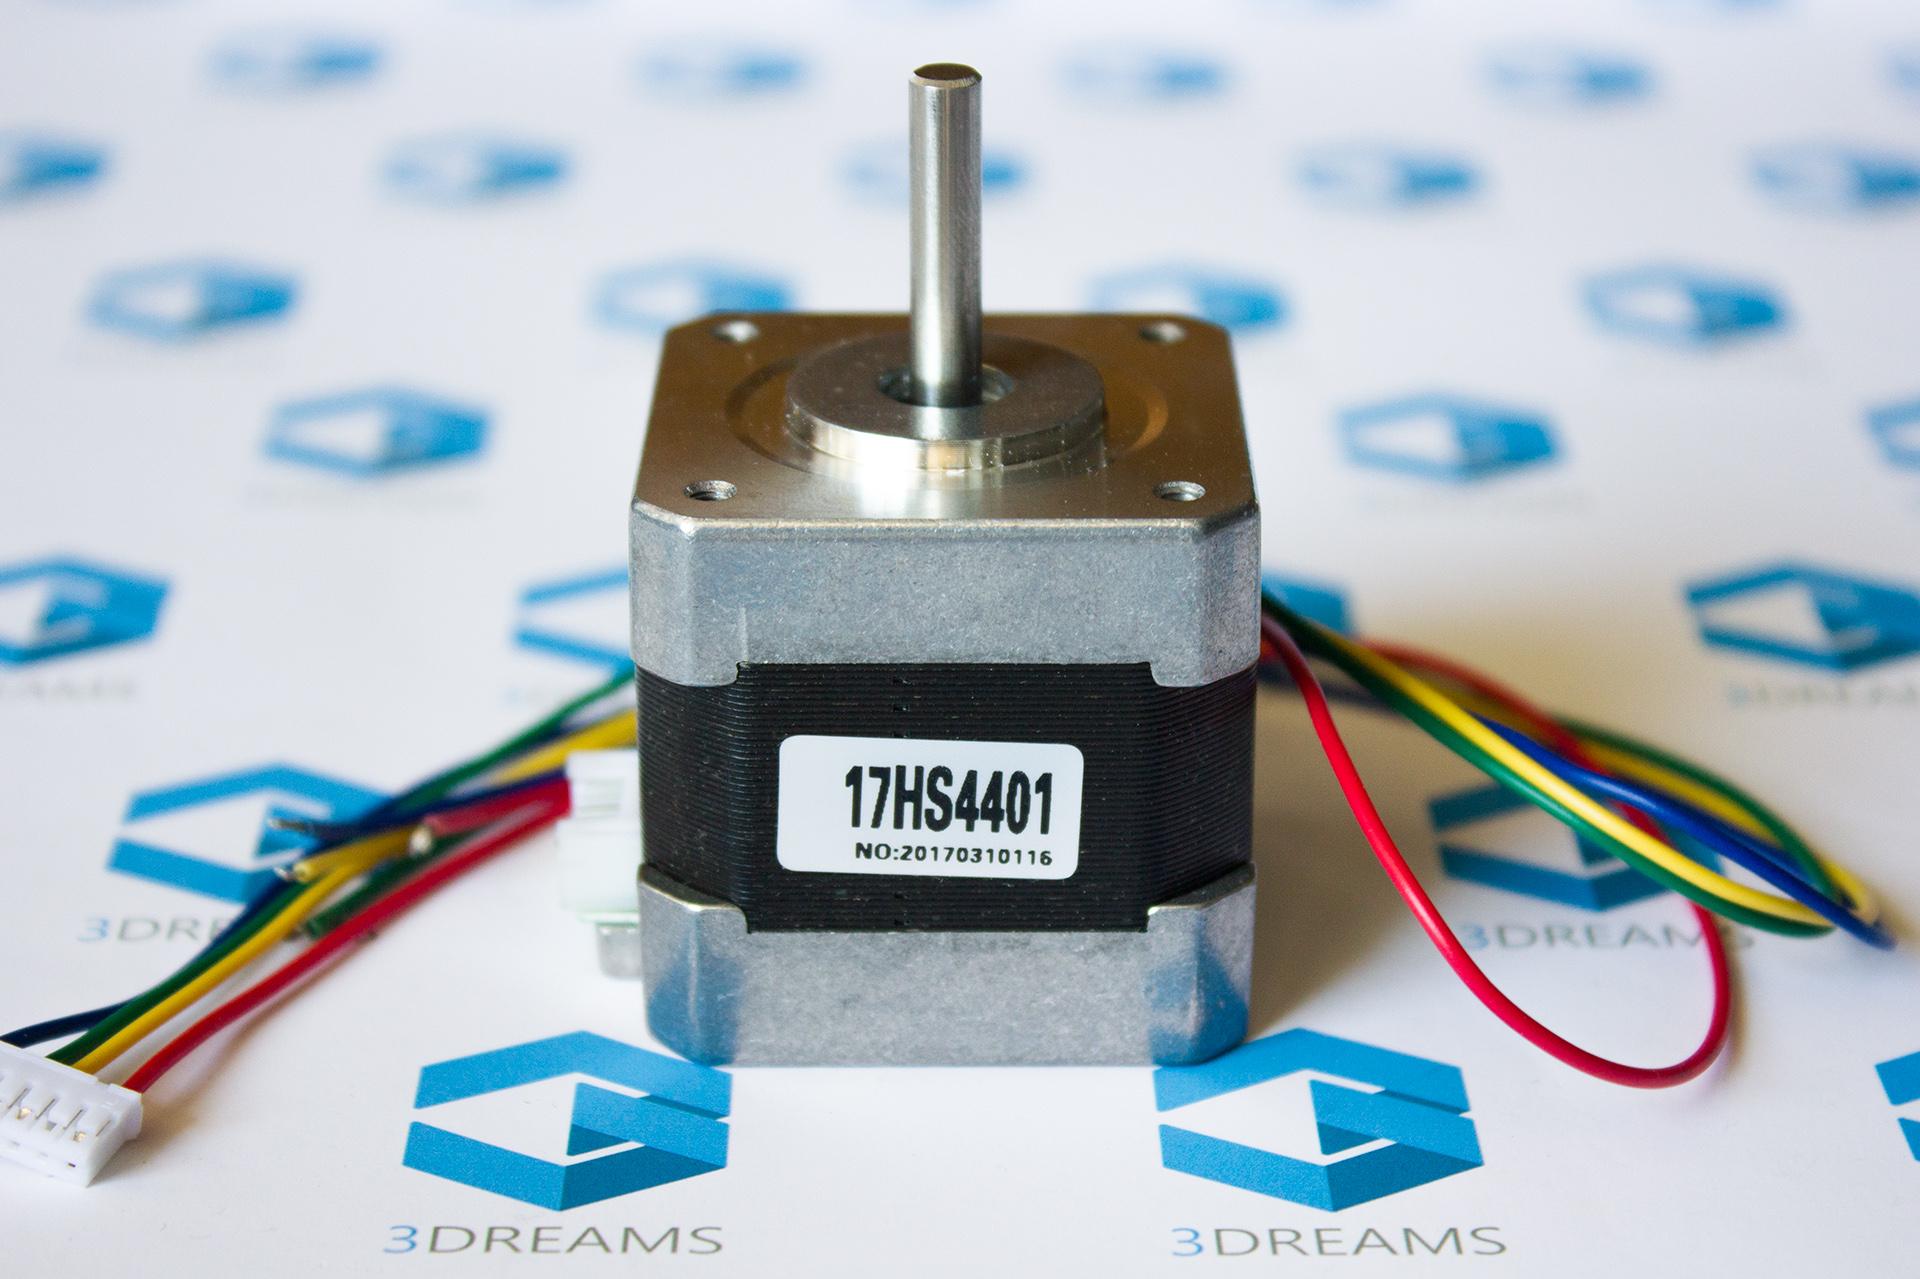 Шаговый двигатель NEMA17 17HS4401 для 3D принтера купить киев харьков днепр запорожье одесса львов